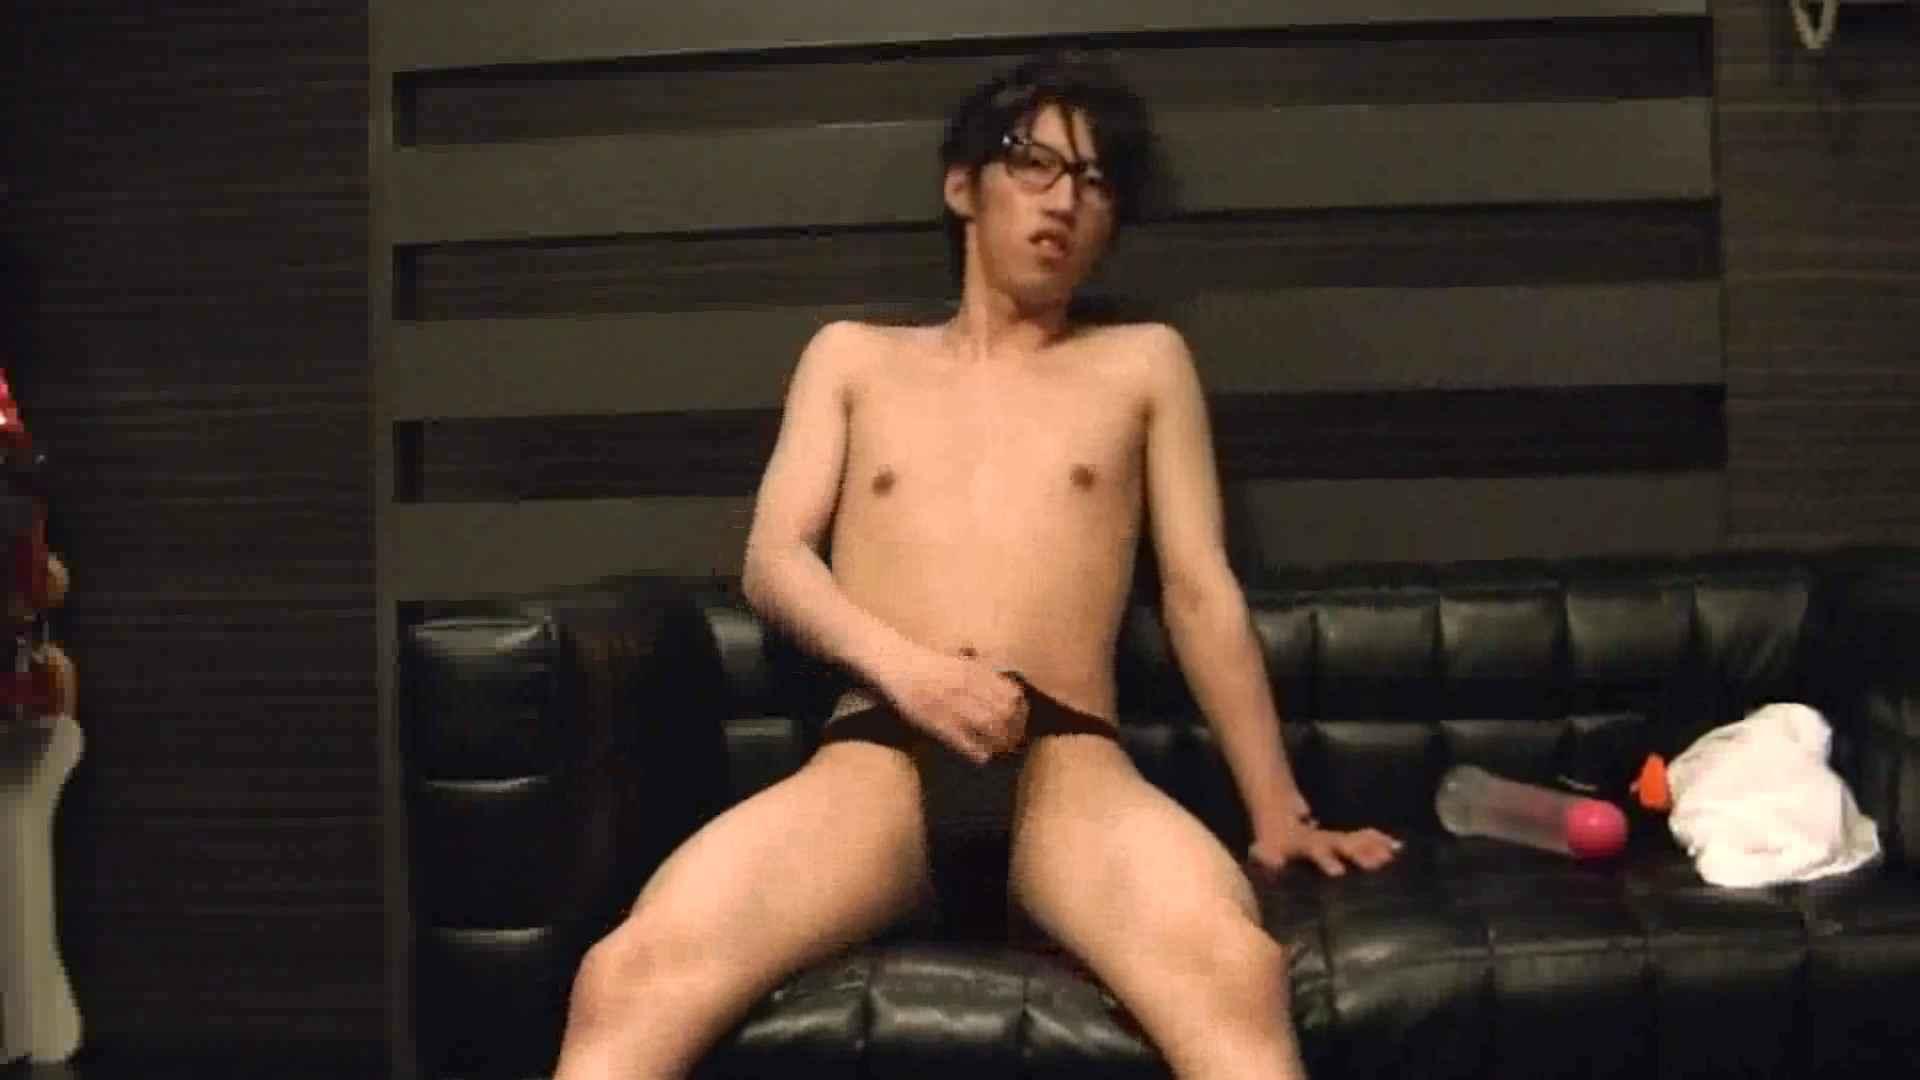 ONA見せカーニバル!! Vol3 ゲイのオナニー映像 | 男祭り  103枚 61